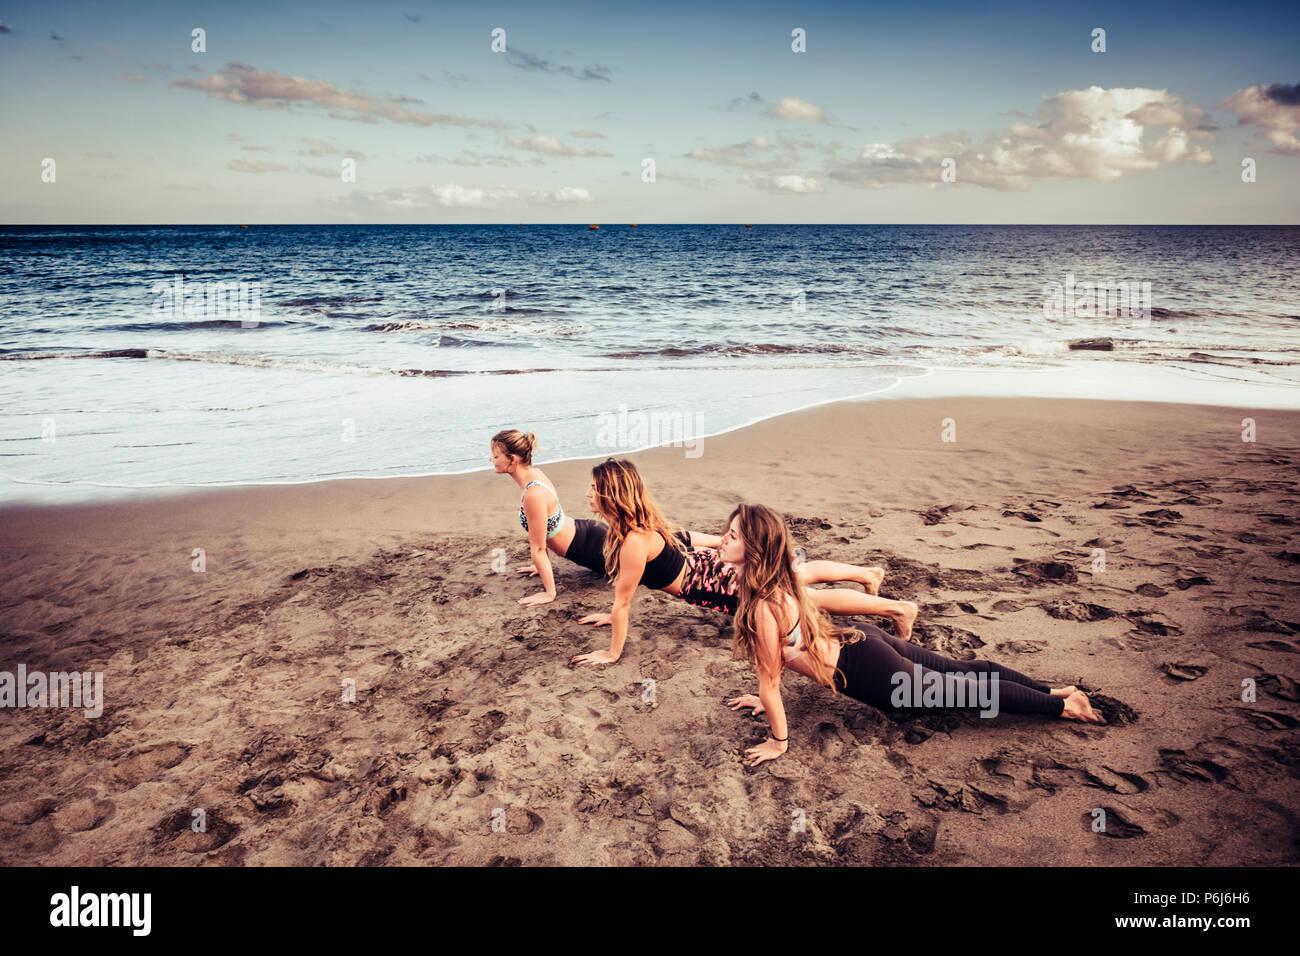 Drei junge Damen tun cacuasian Pilates am Ufer in der Nähe der Wellen und das Meer. Outdoor Freizeit Sport und Lifestyle Fitness für Wunder Stockbild